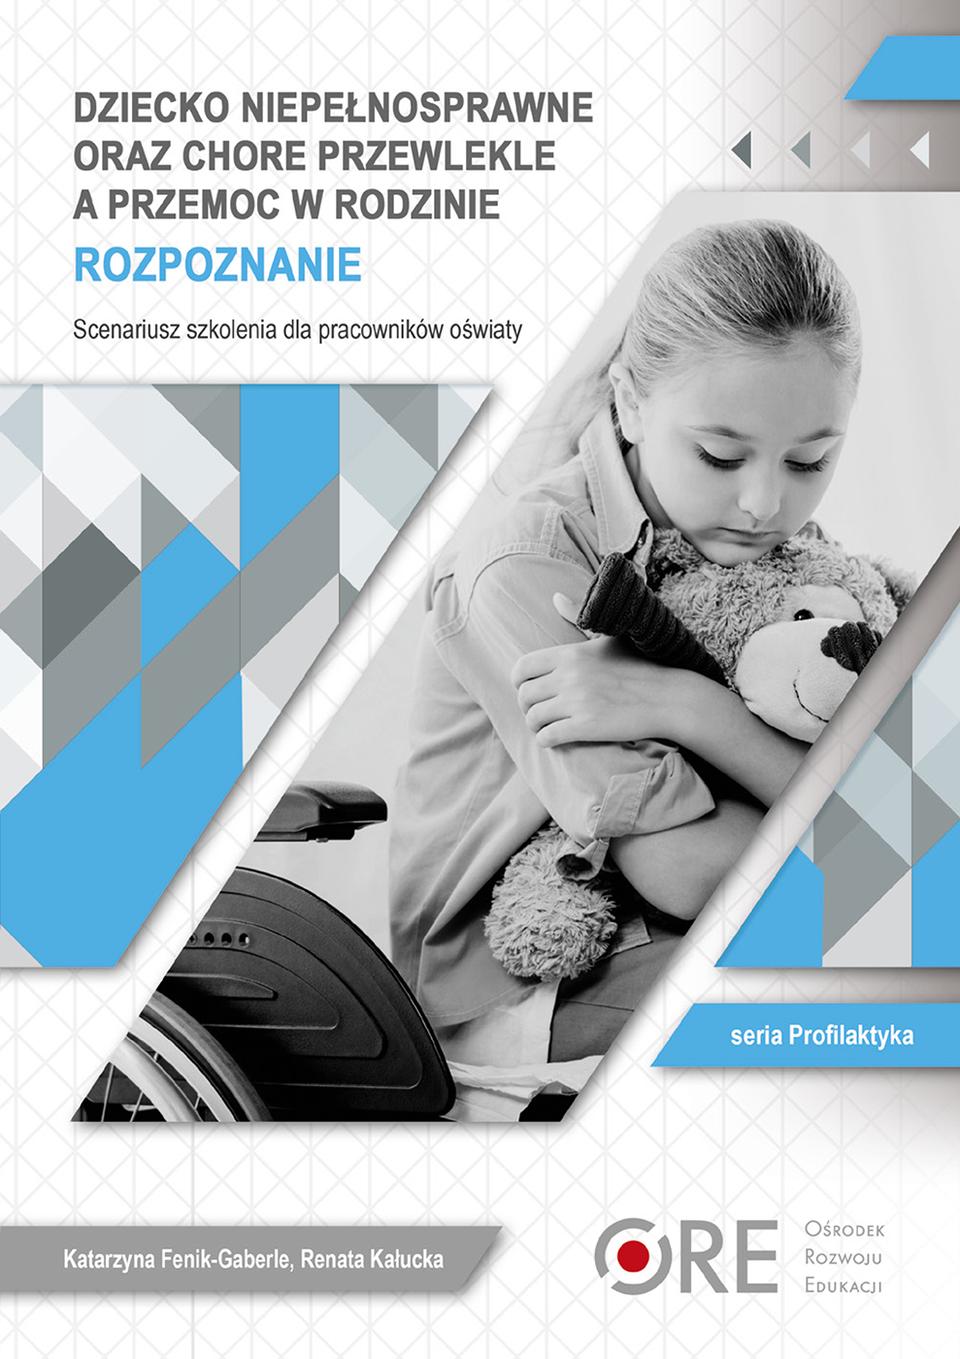 Pobierz plik: dziecko-niepelnosprawne-oraz-chore-przewlekle-a-przemoc-w-rodzinie.-rozpoznanie.scenariusze.pdf